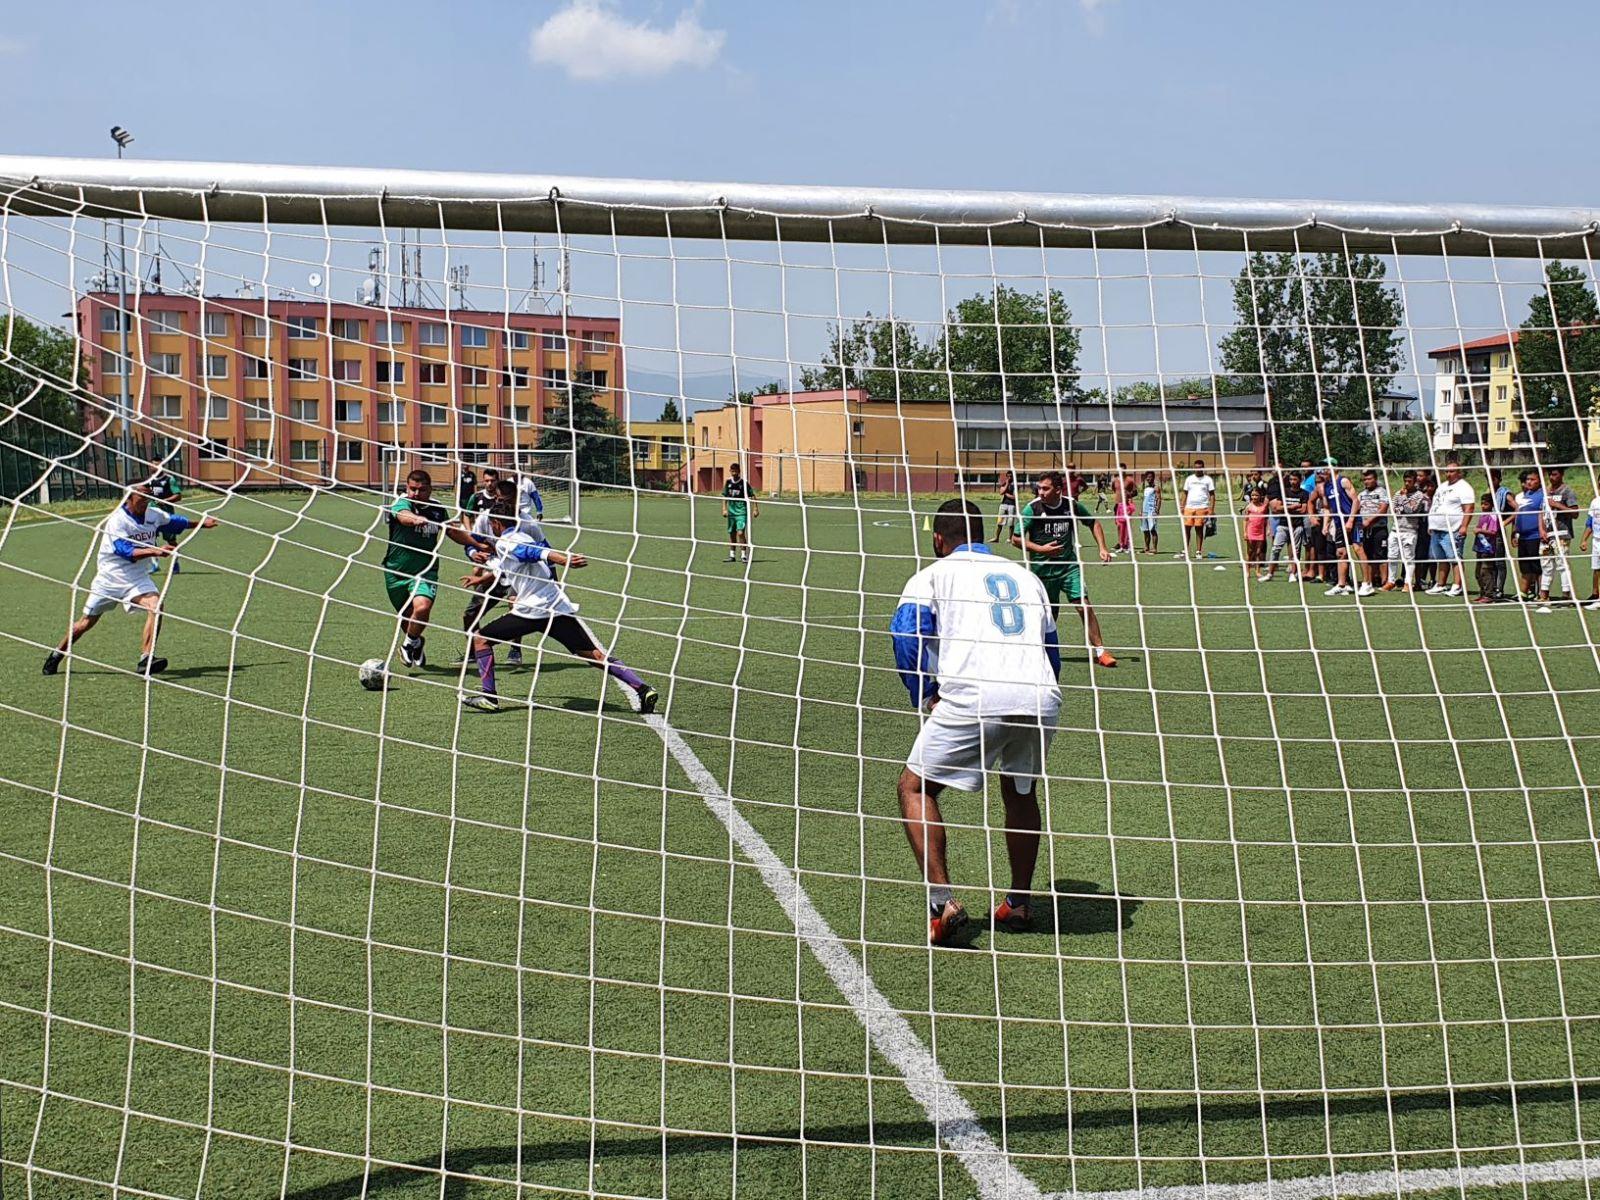 Futbalovy-turnaj-spojil-miestne-komunity-21